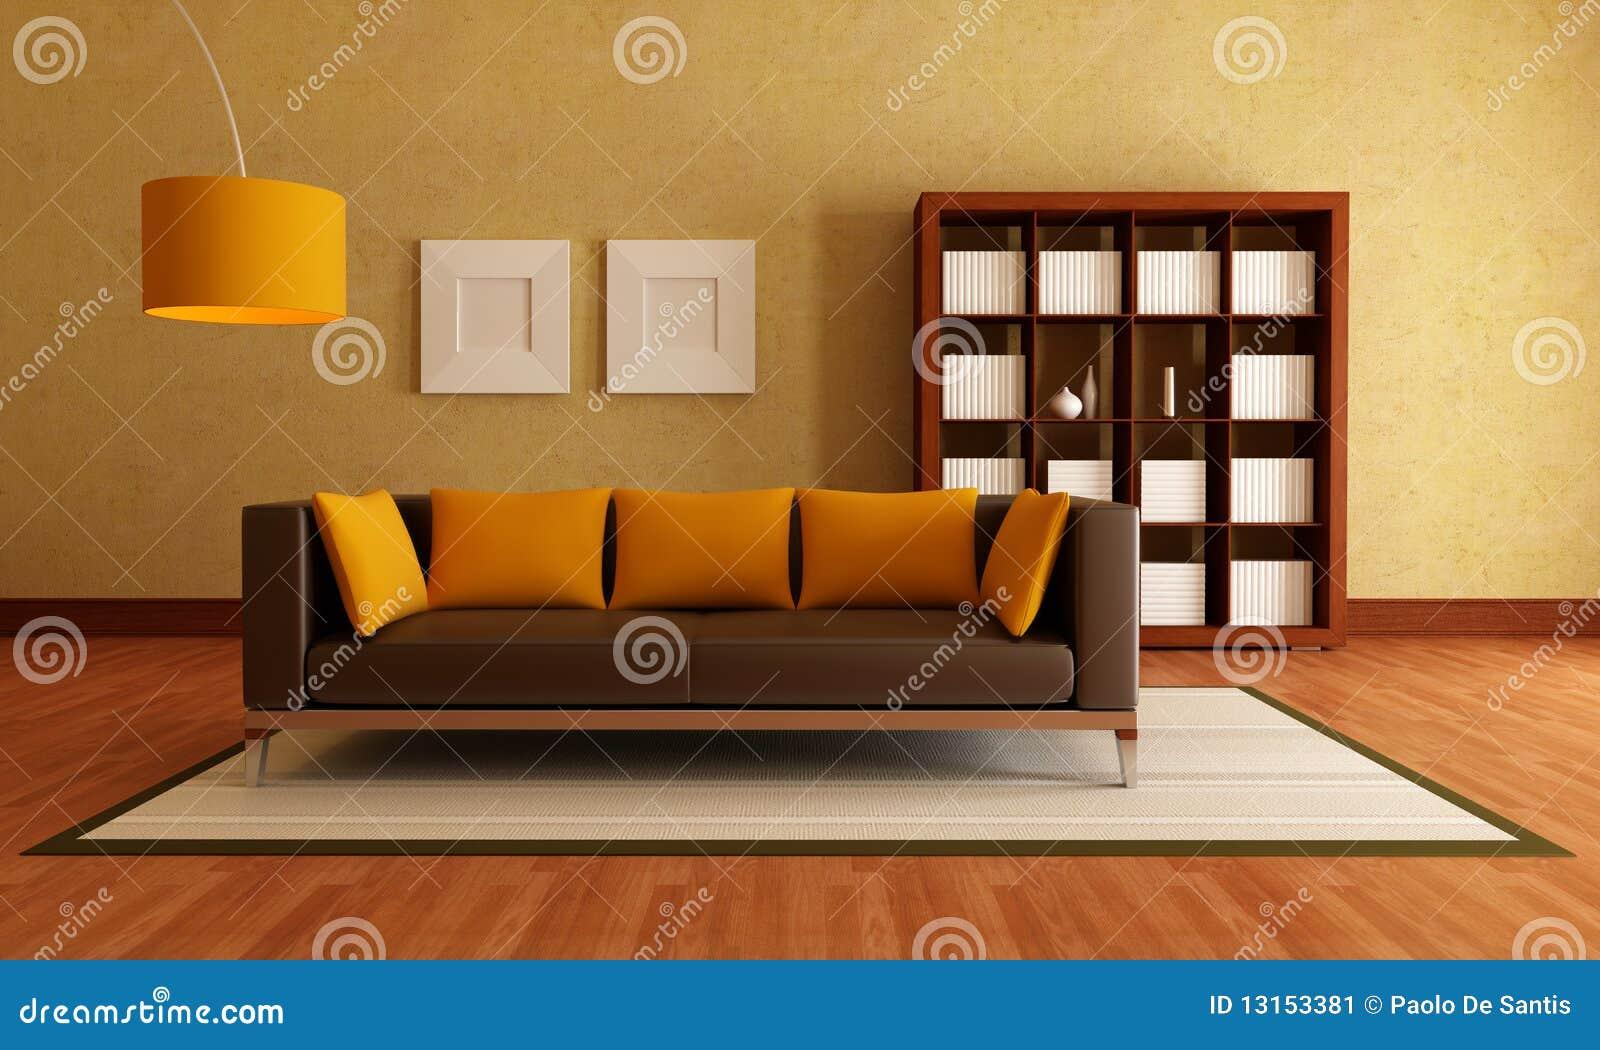 braunes wohnzimmer | jtleigh.com - hausgestaltung ideen - Wohnzimmer Orange Braun